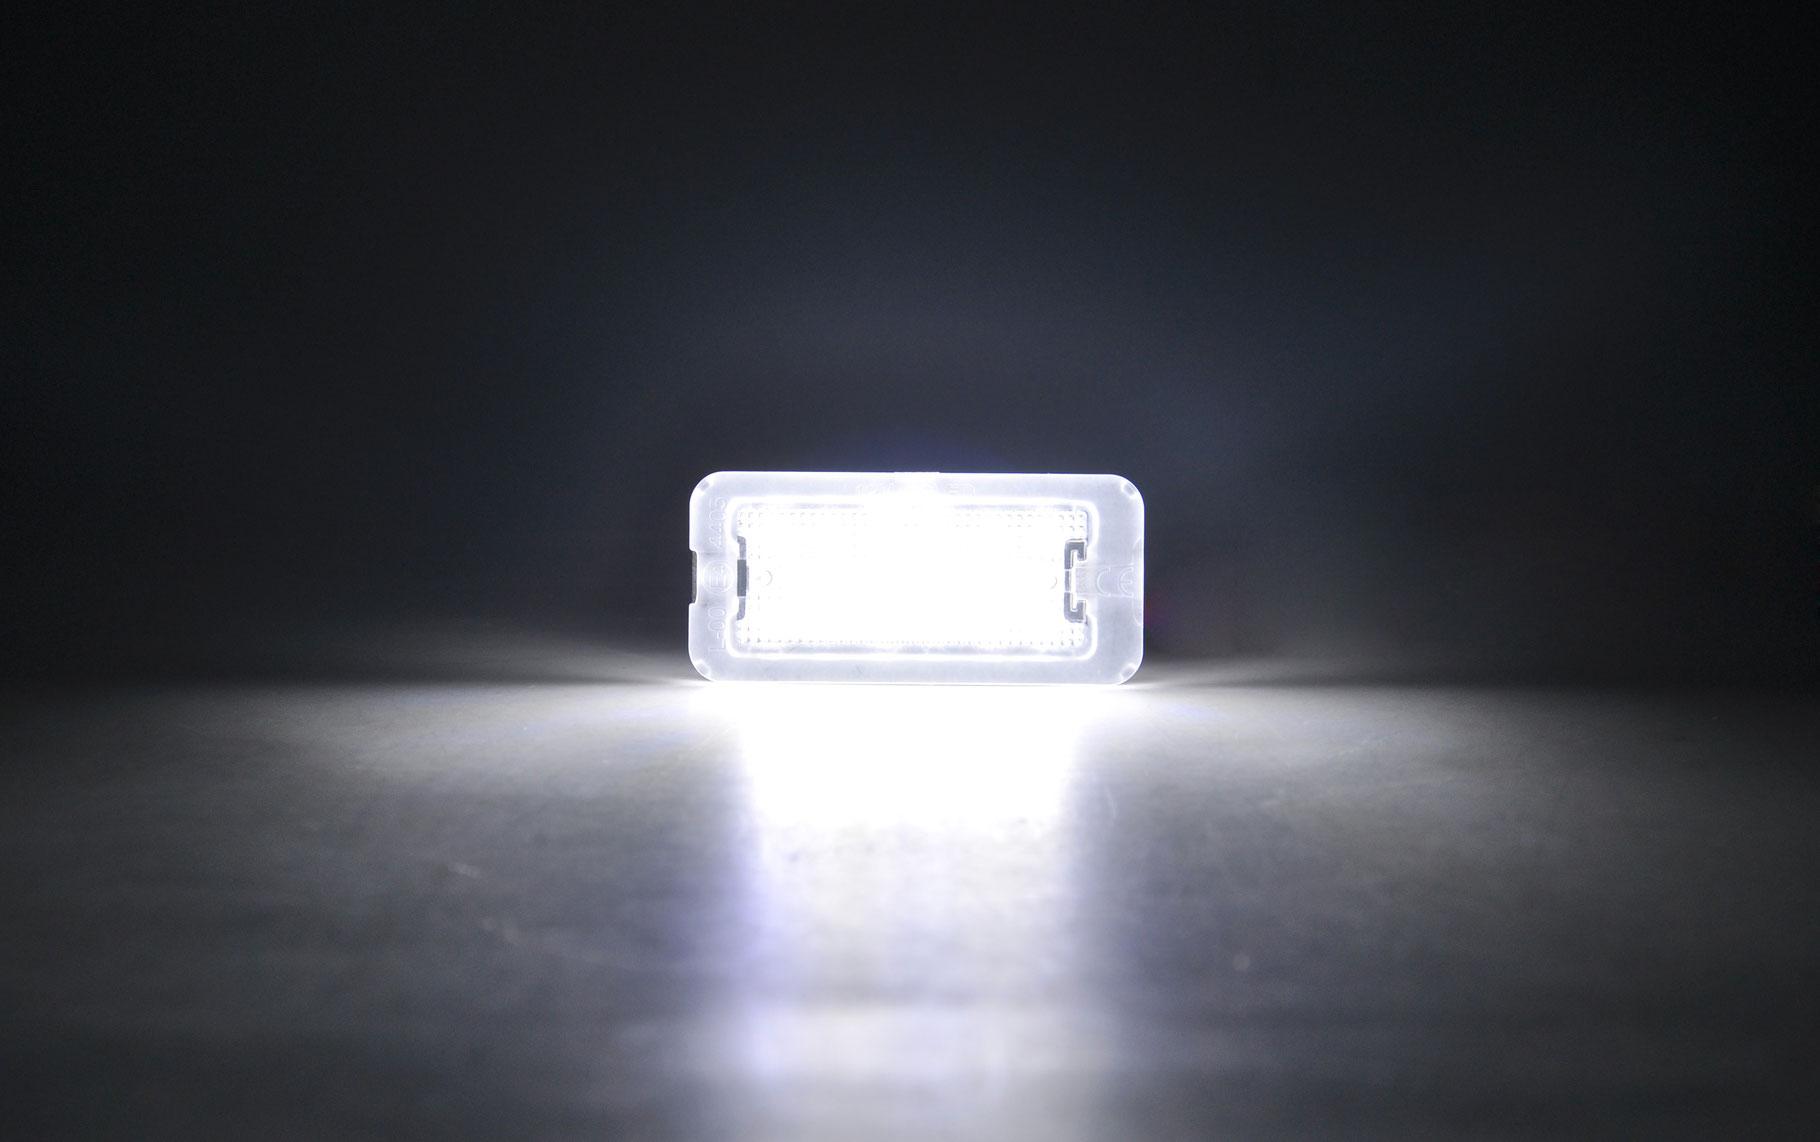 2x LED KENNZEICHENBELEUCHTUNG KENNZEICHENLEUCHTE AUDI A1 8X SPORTBACK BJ AB 2011